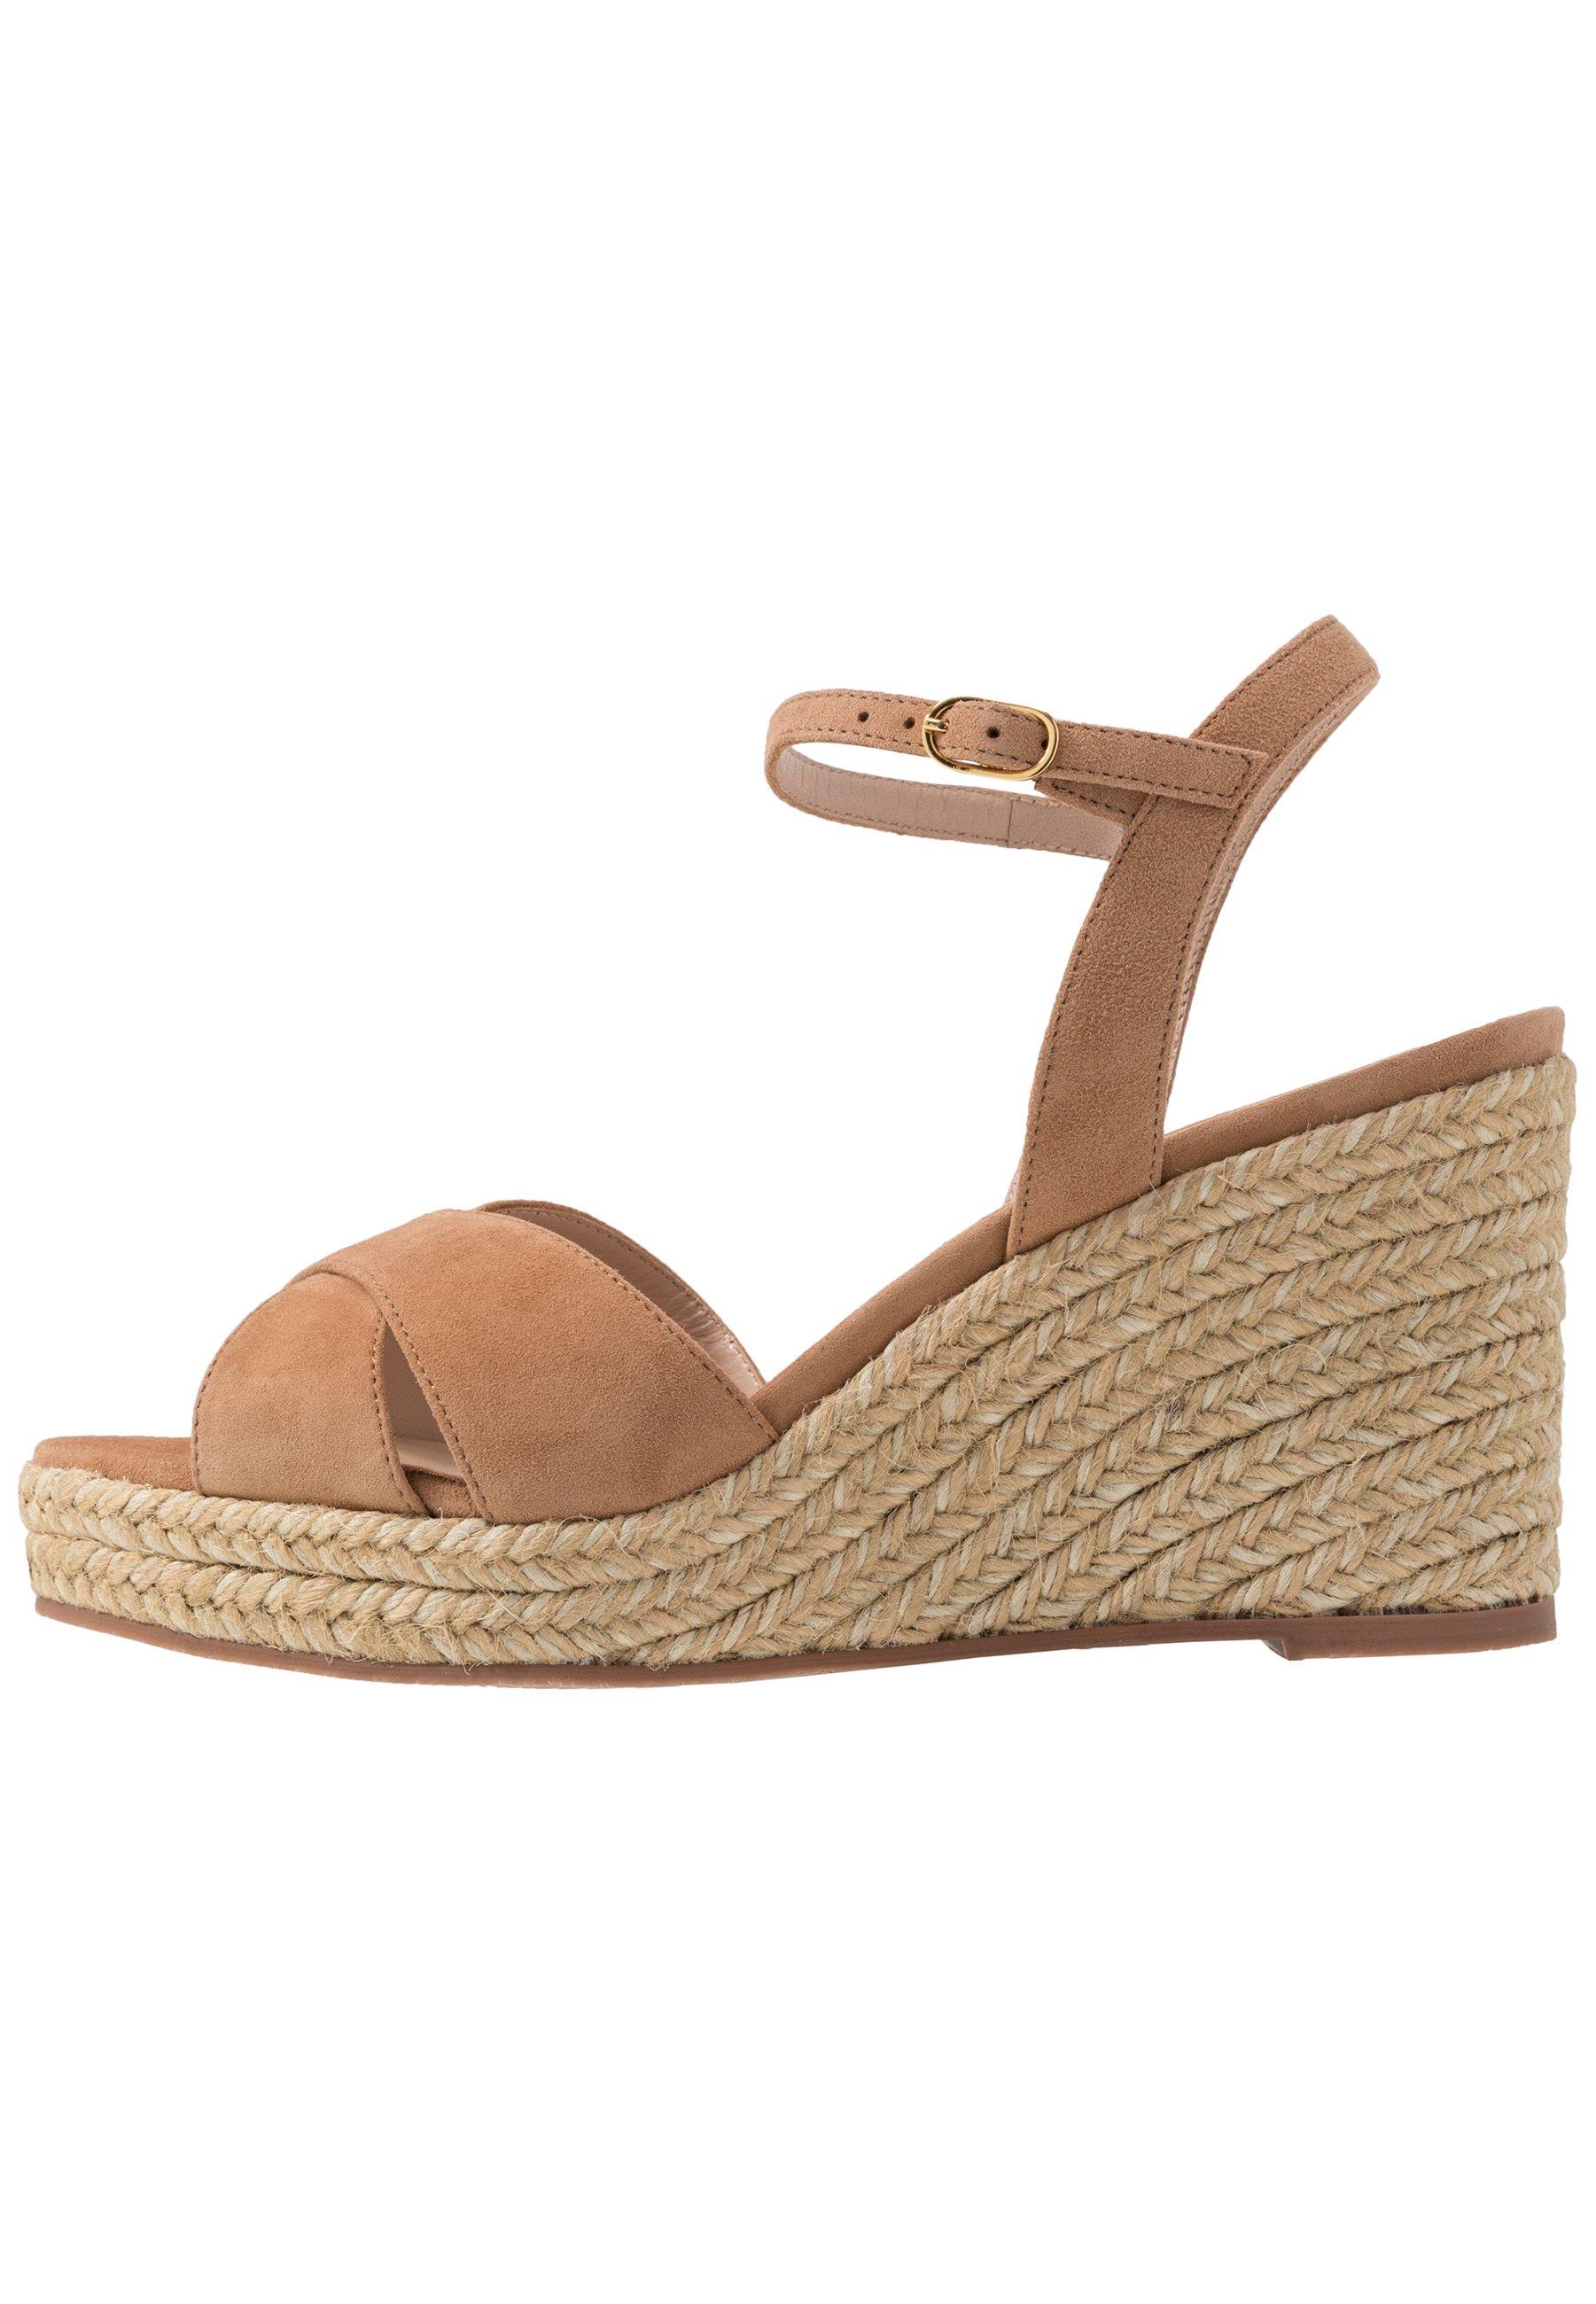 Stuart Weitzman Rosemarie - High Heeled Sandals Tan